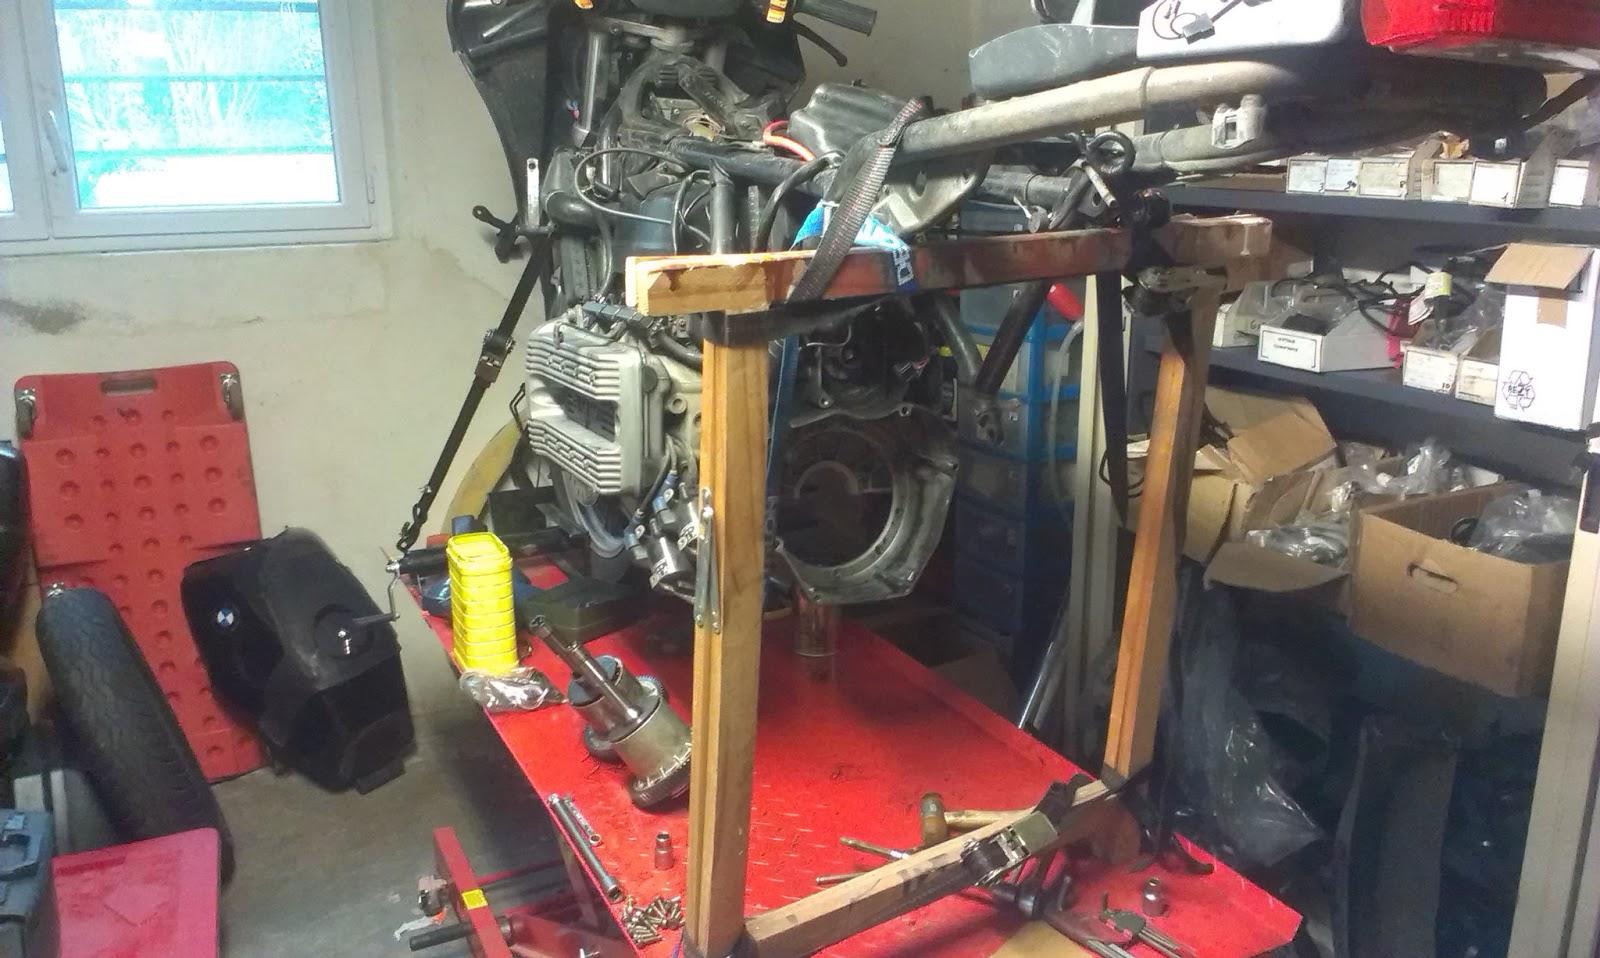 motos sport v nements et le dark dog moto tour r paration de la fuite d 39 huile c t embrayage. Black Bedroom Furniture Sets. Home Design Ideas